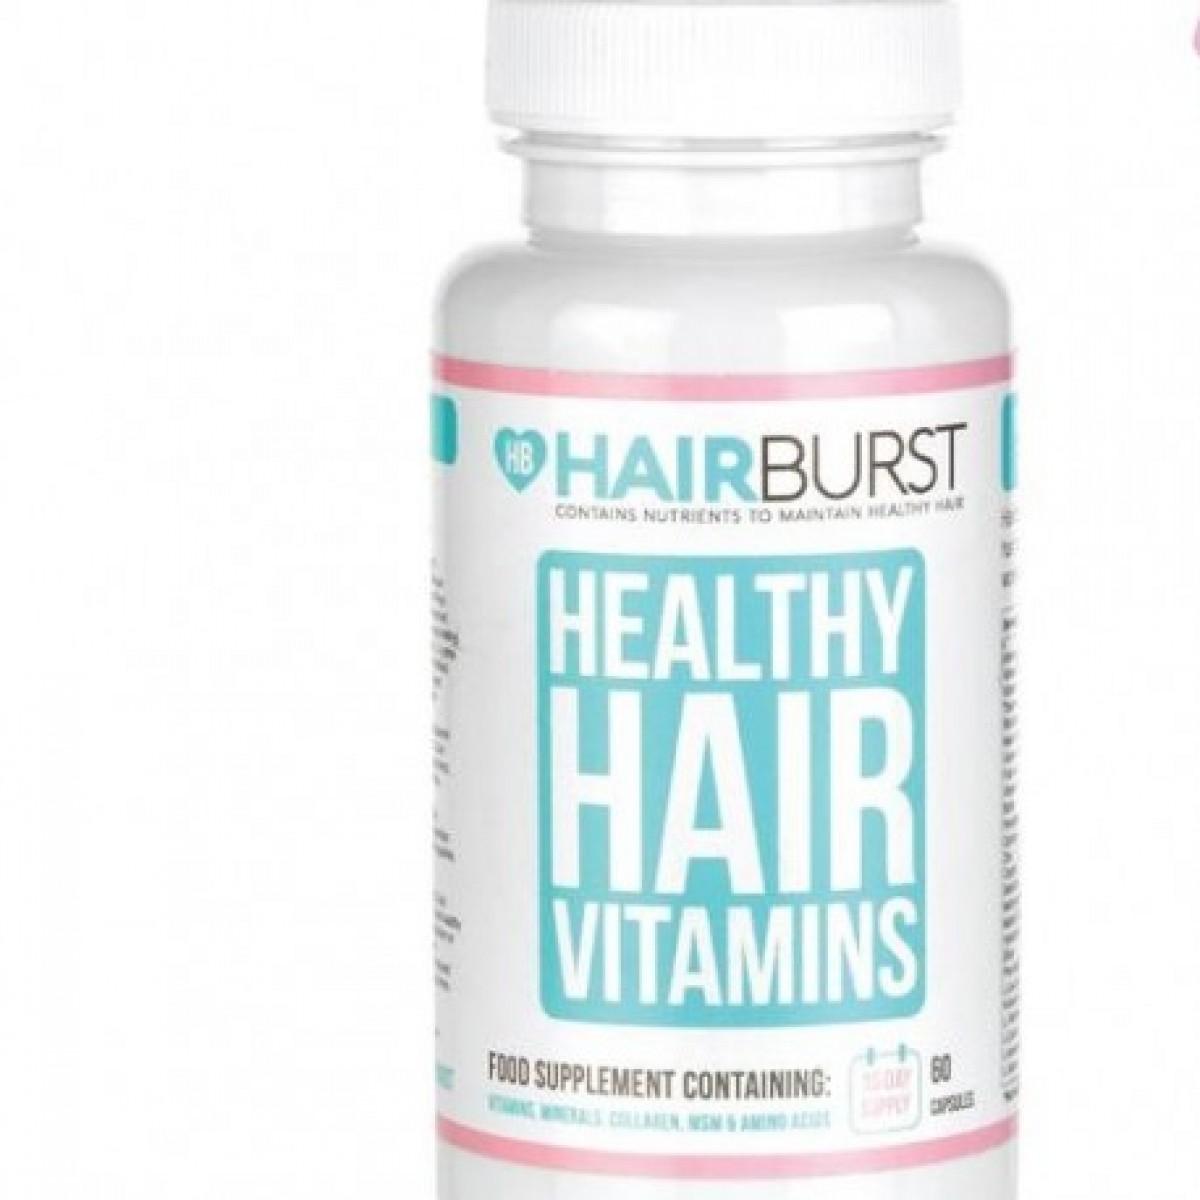 HAIRBURST هيربرست كبسولات لإطالة وتغذية الشعر